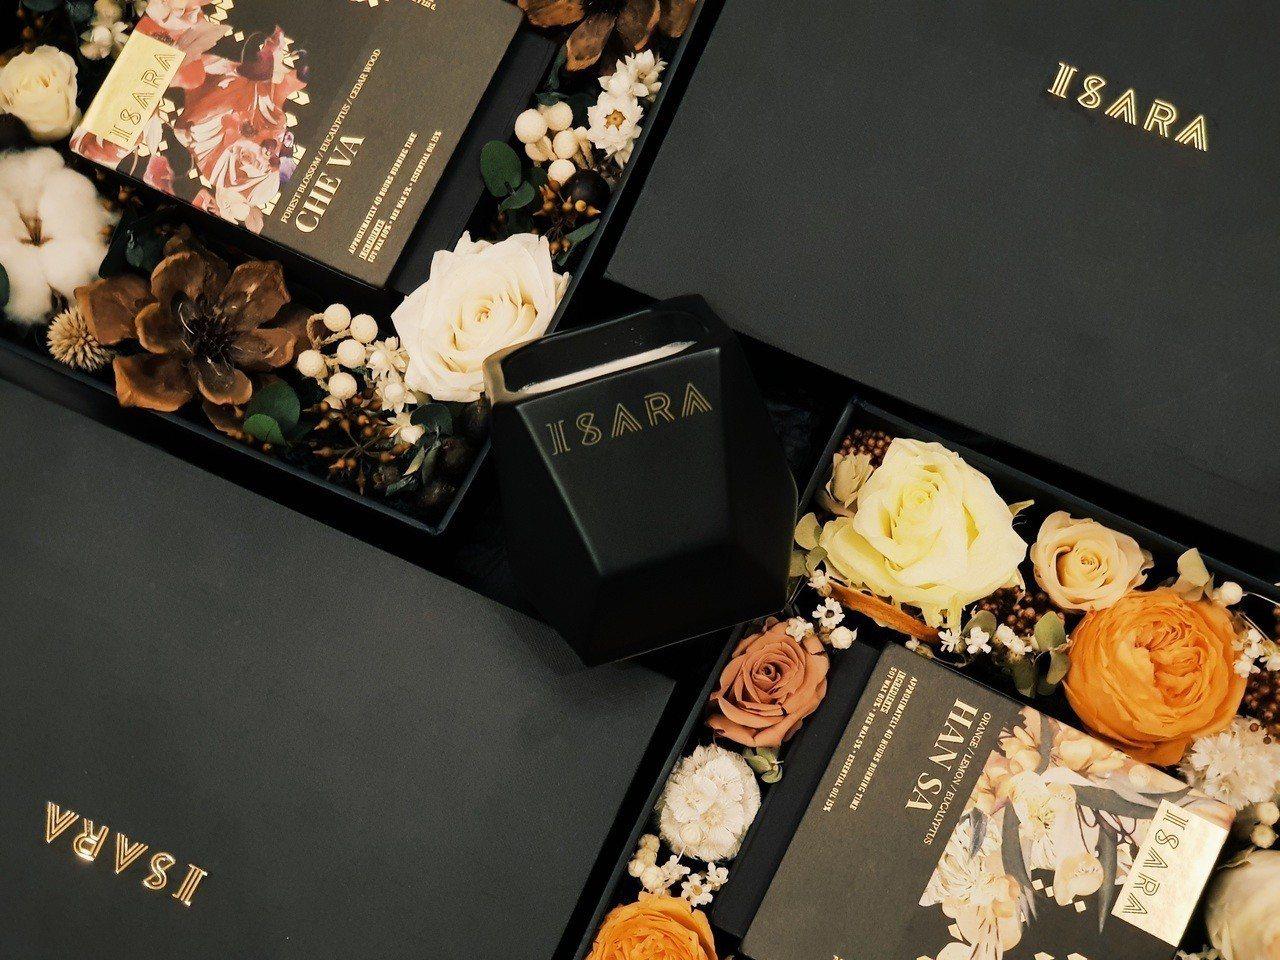 「ISARA X賣花的老女孩」耶誕限量禮盒,售價3,580元,限量20組。圖/I...